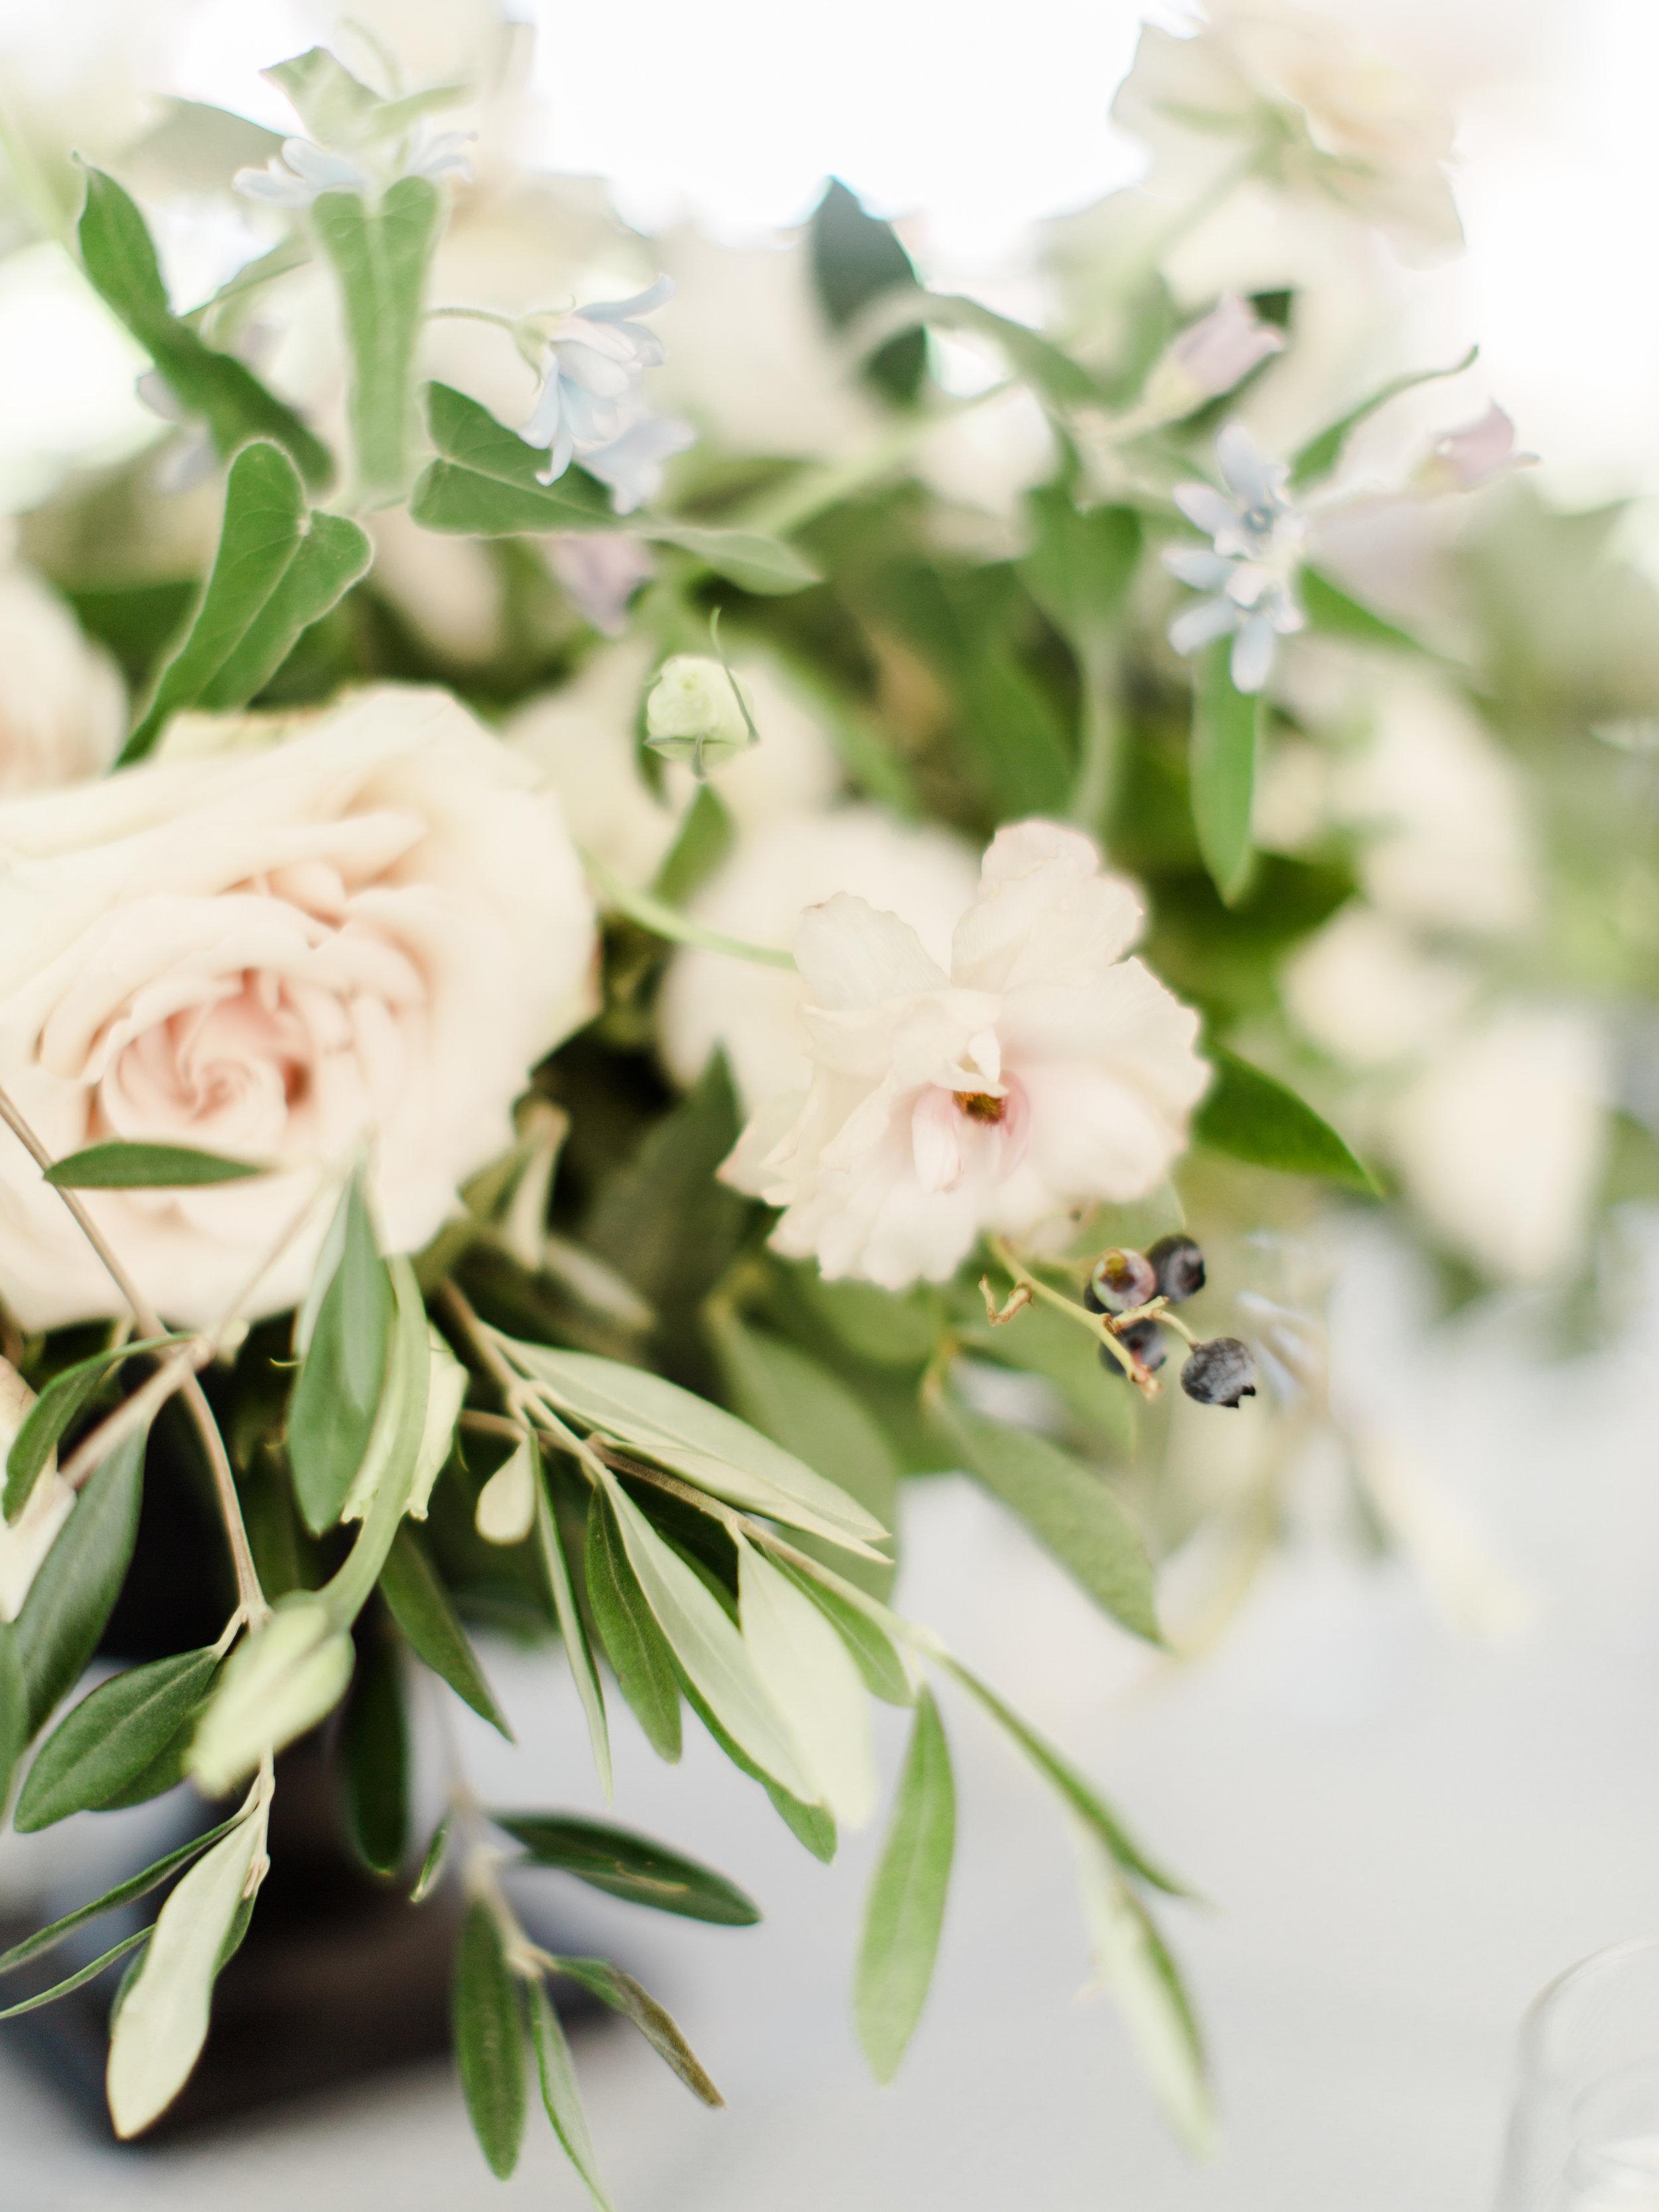 Steinlage+Wedding+Reception+Details-73.jpg